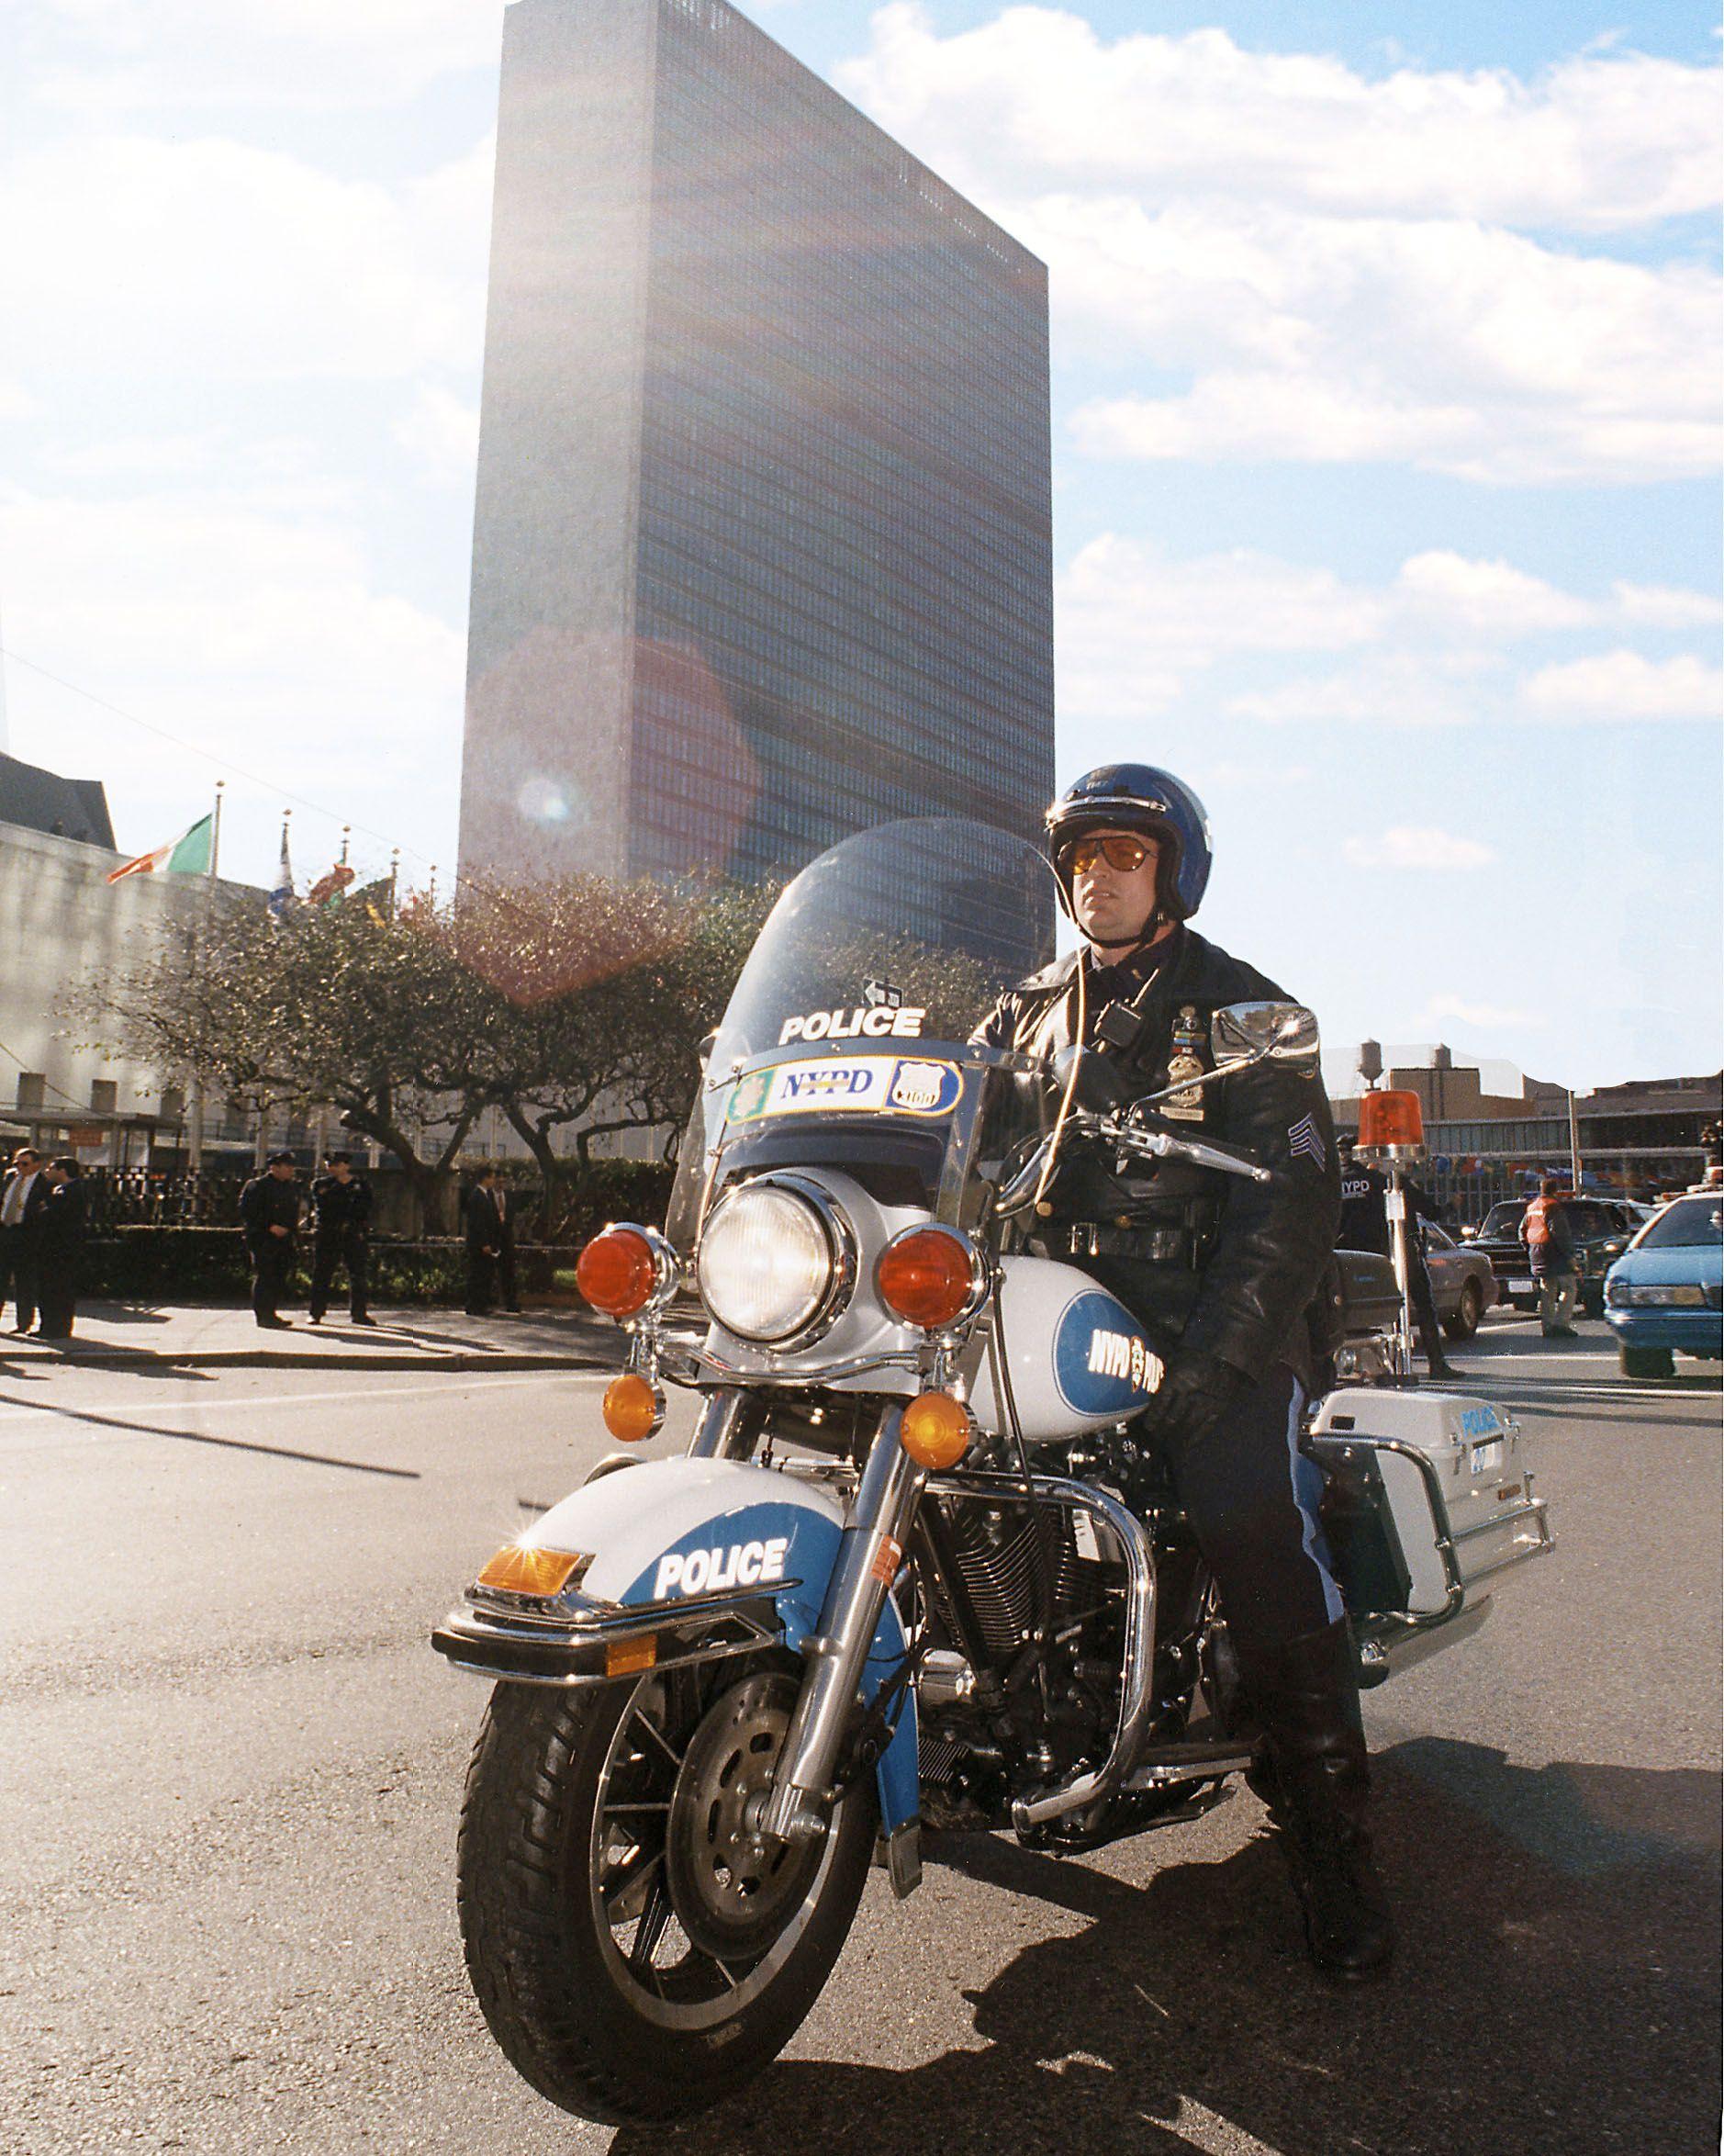 chicago police class a uniform